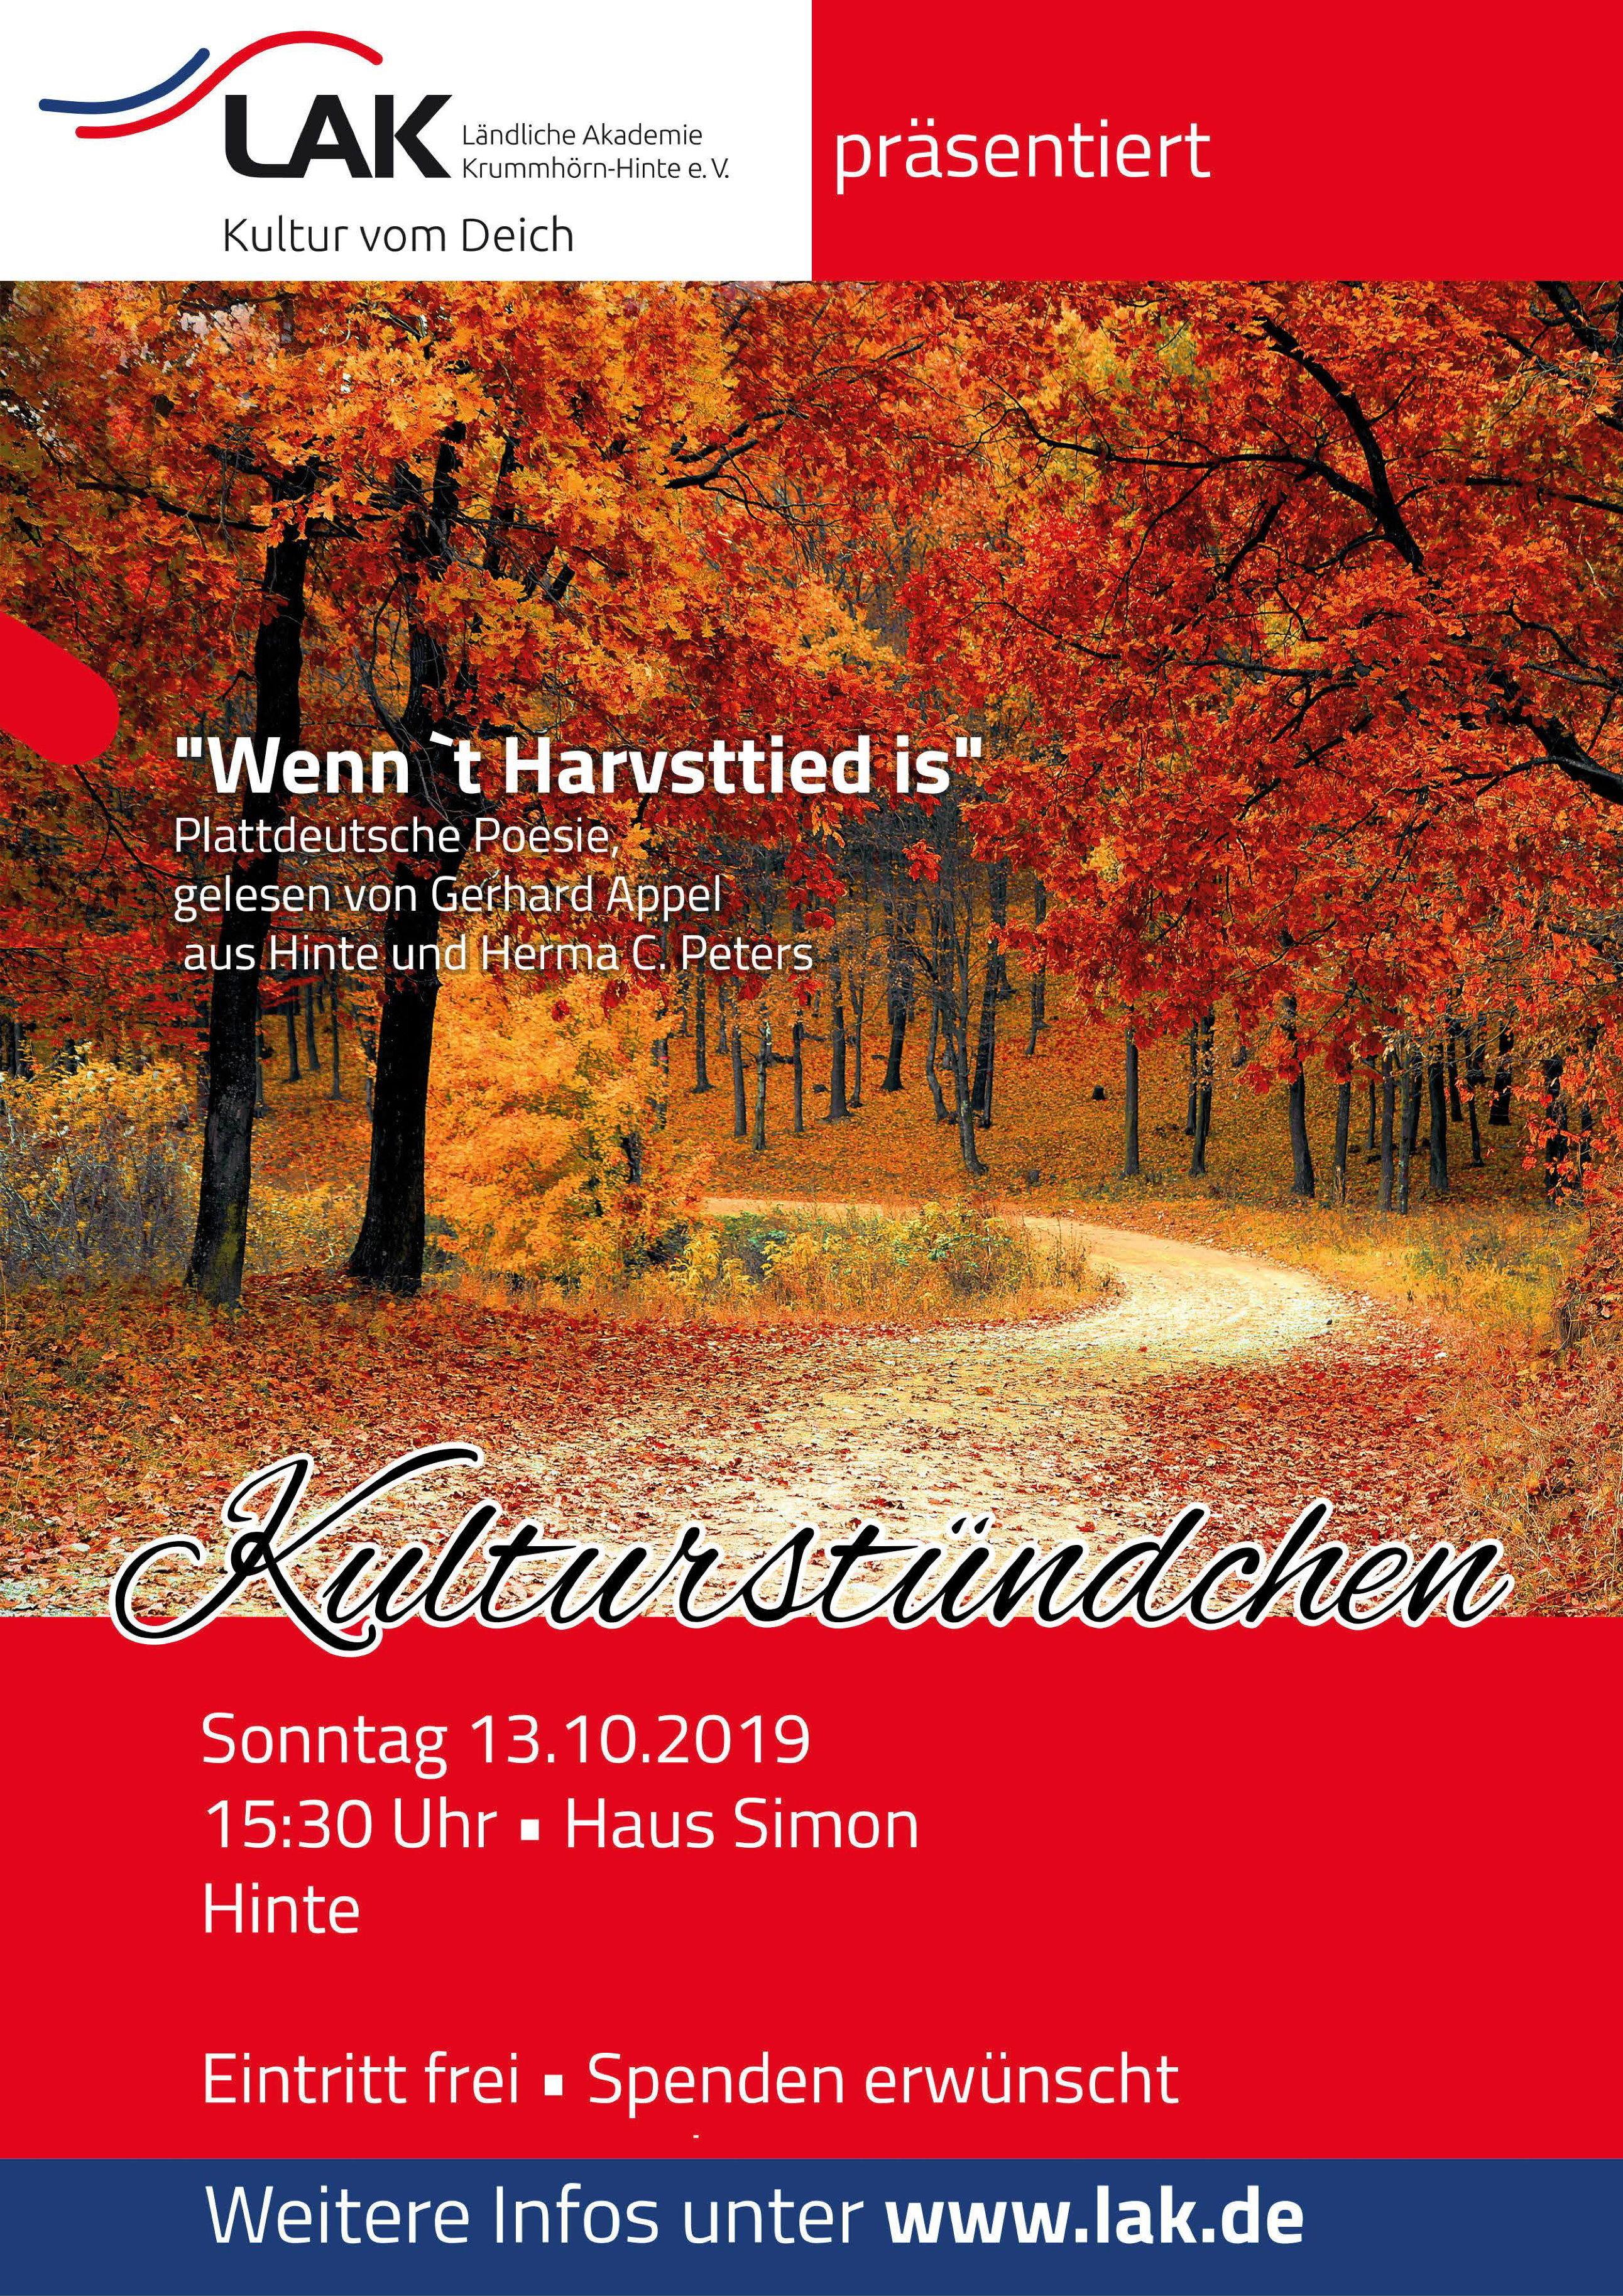 19-10-13 - Kulturstündchen